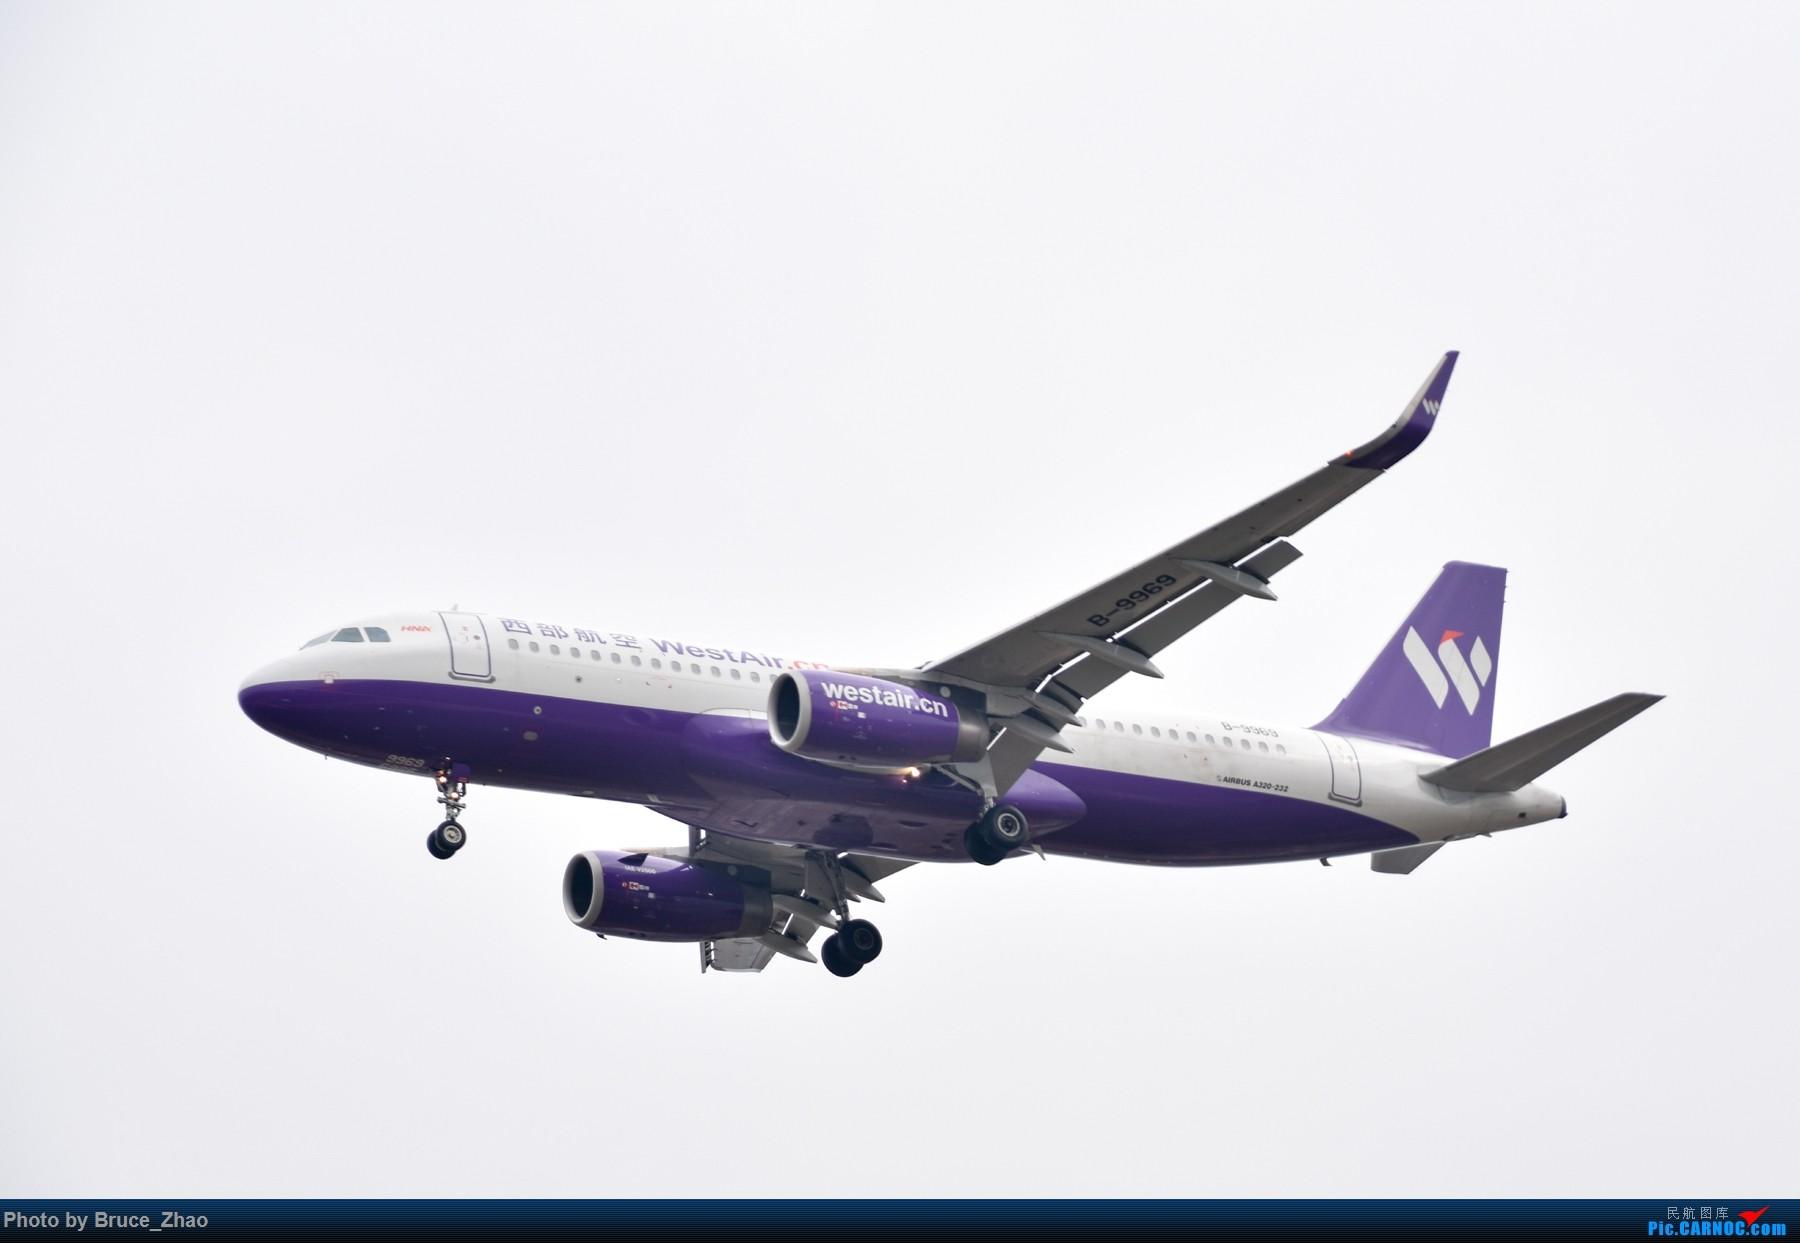 重庆江北国际机场拍摄 西部航空 紫色装